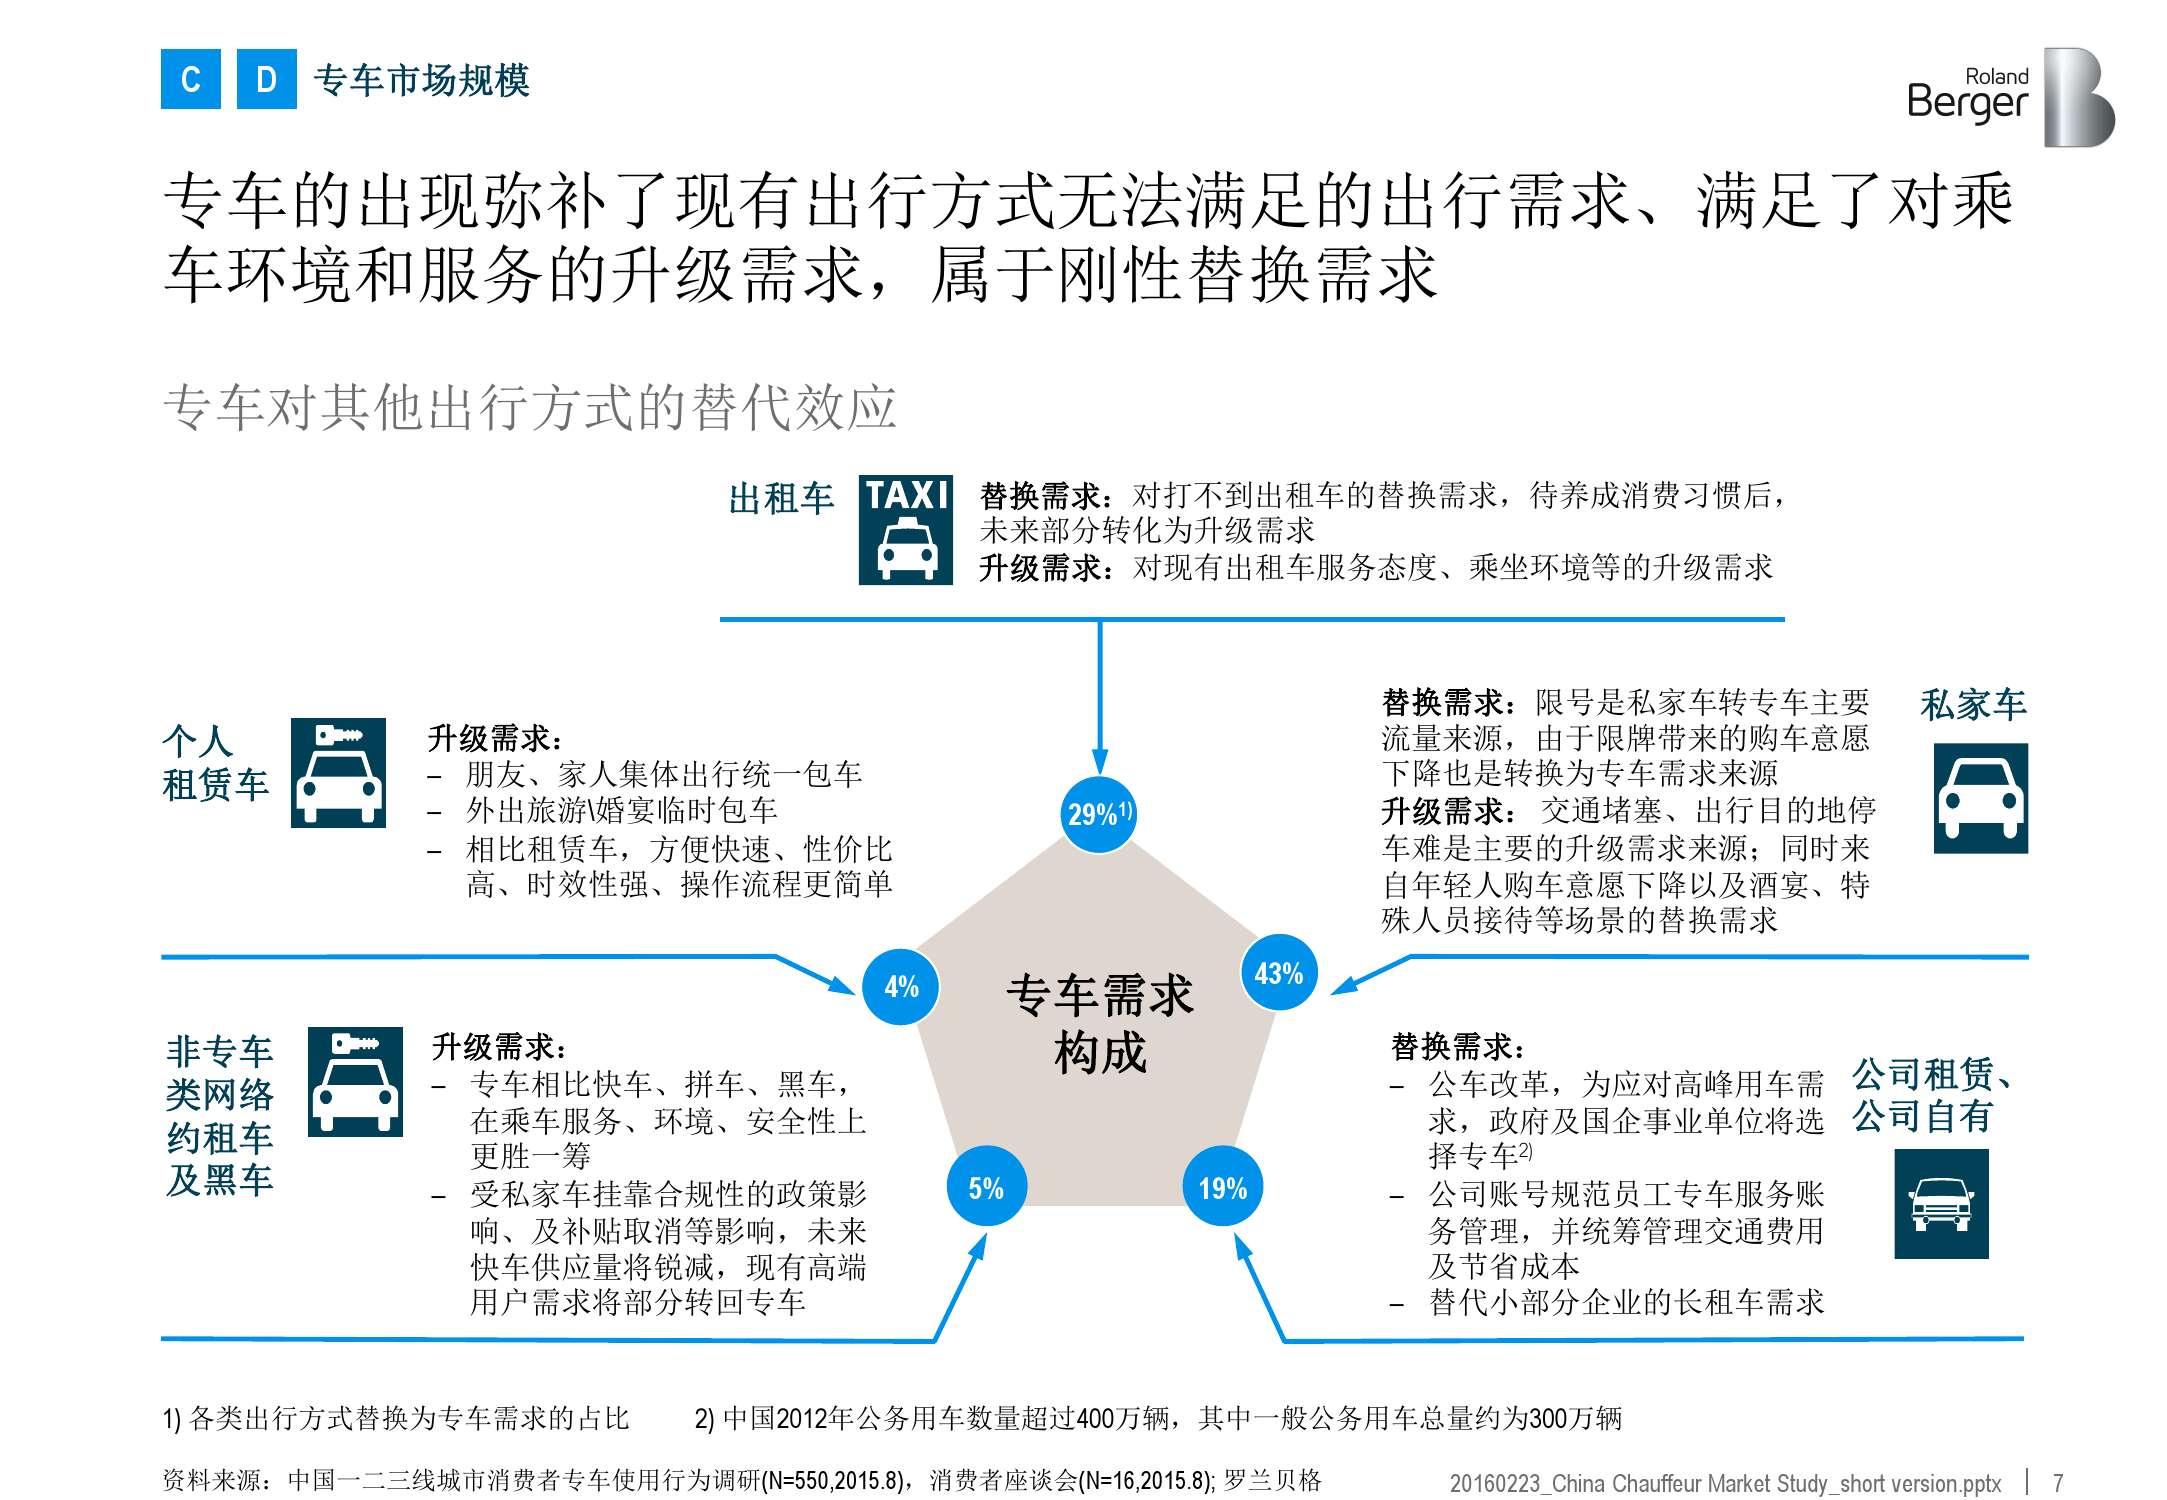 2016年中国专车市场分析报告_000007